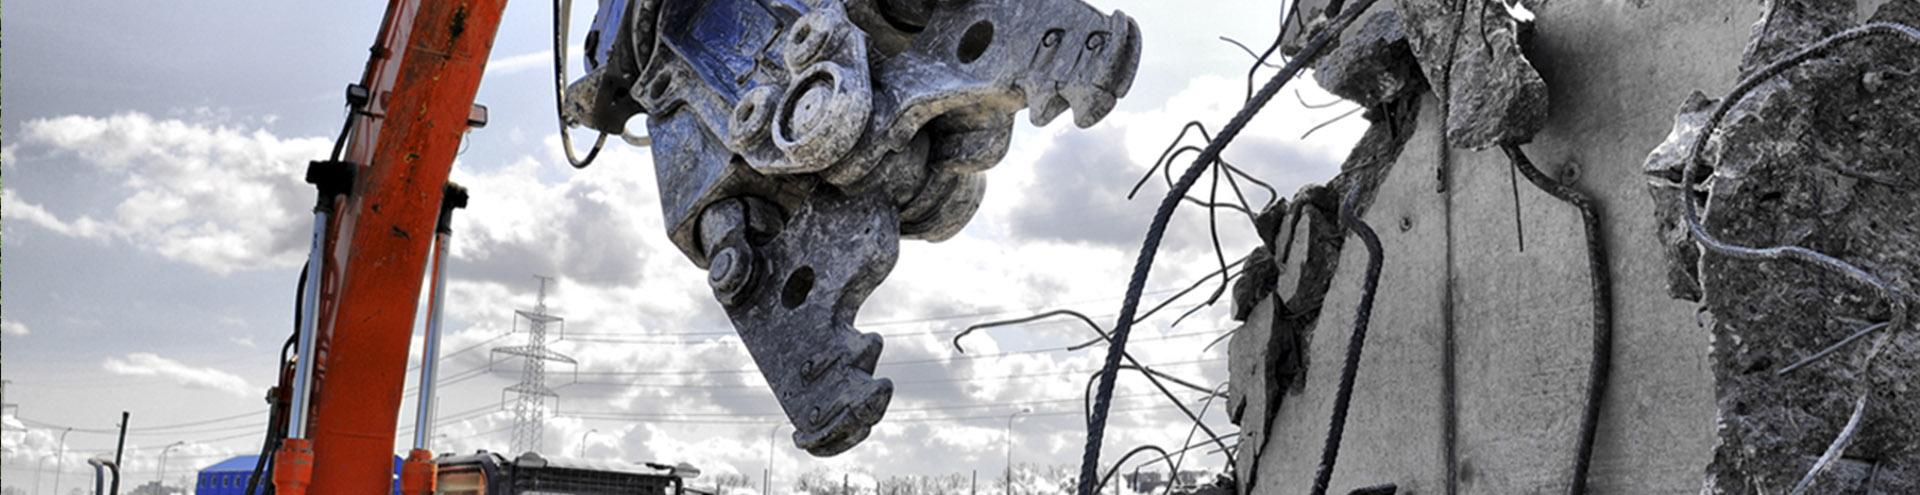 право на самовольную постройку в Оренбурге